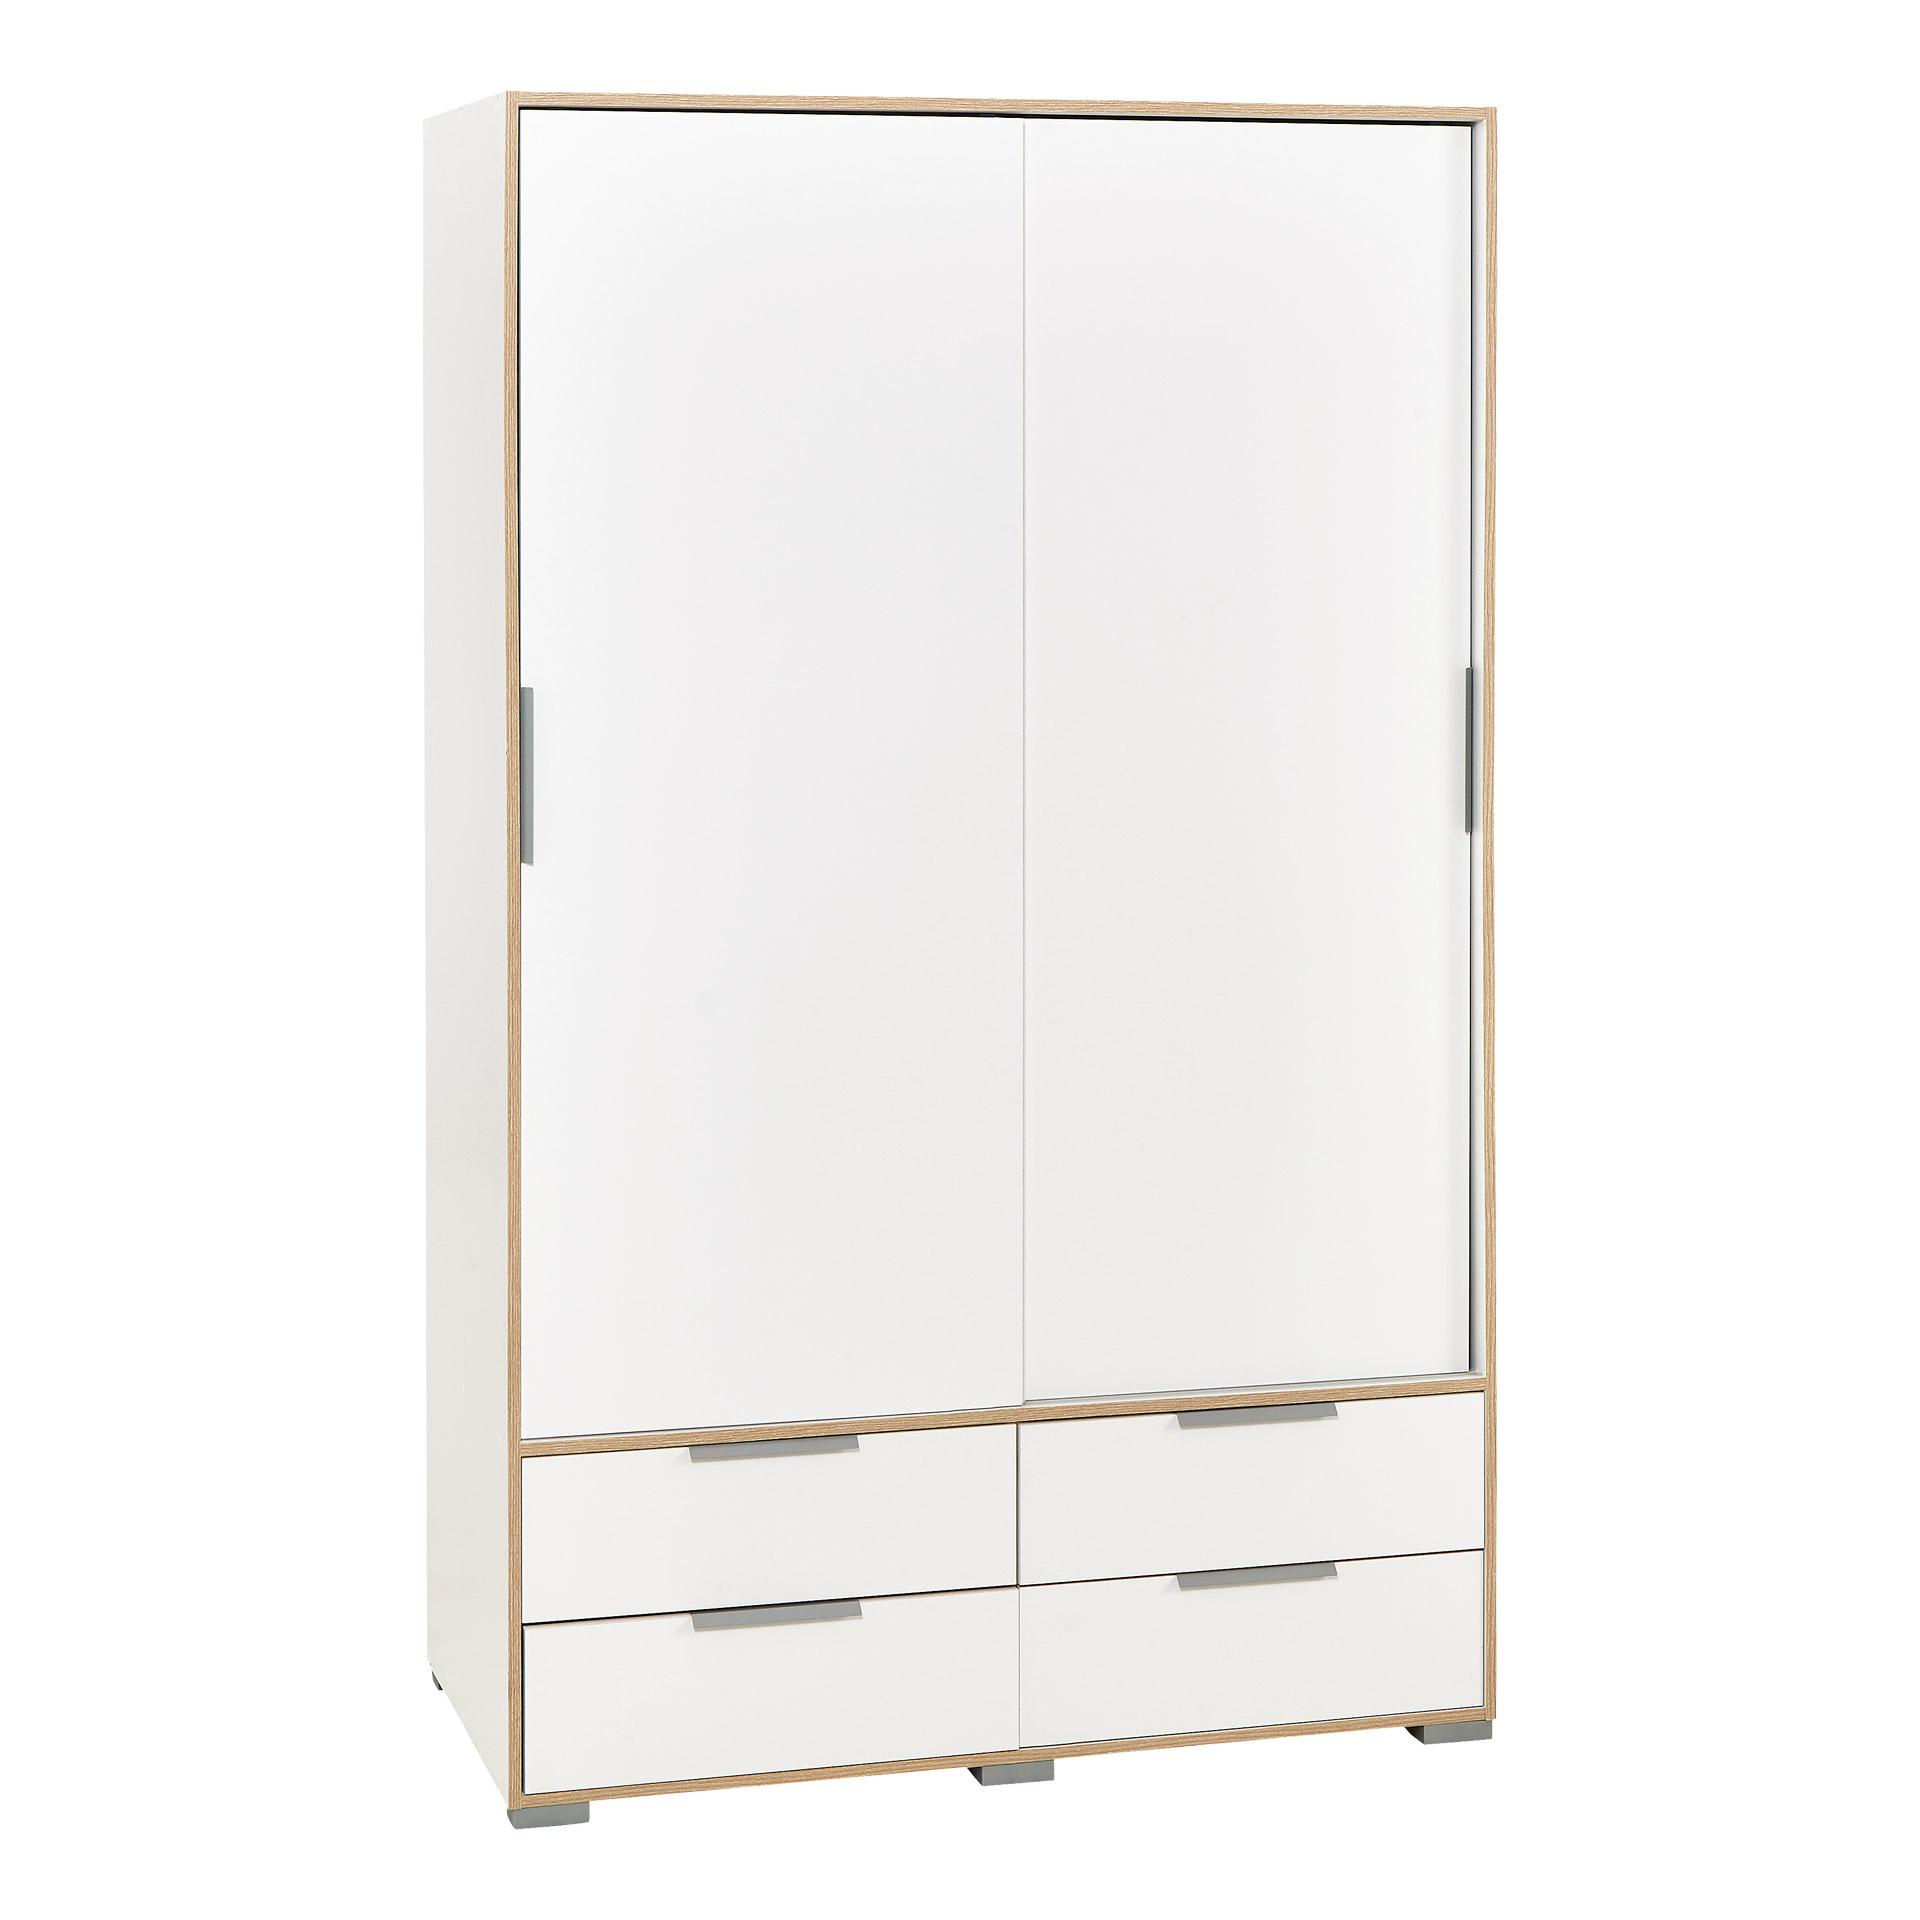 22 sparen kleiderschrank line nur 179 95 cherry m bel. Black Bedroom Furniture Sets. Home Design Ideas